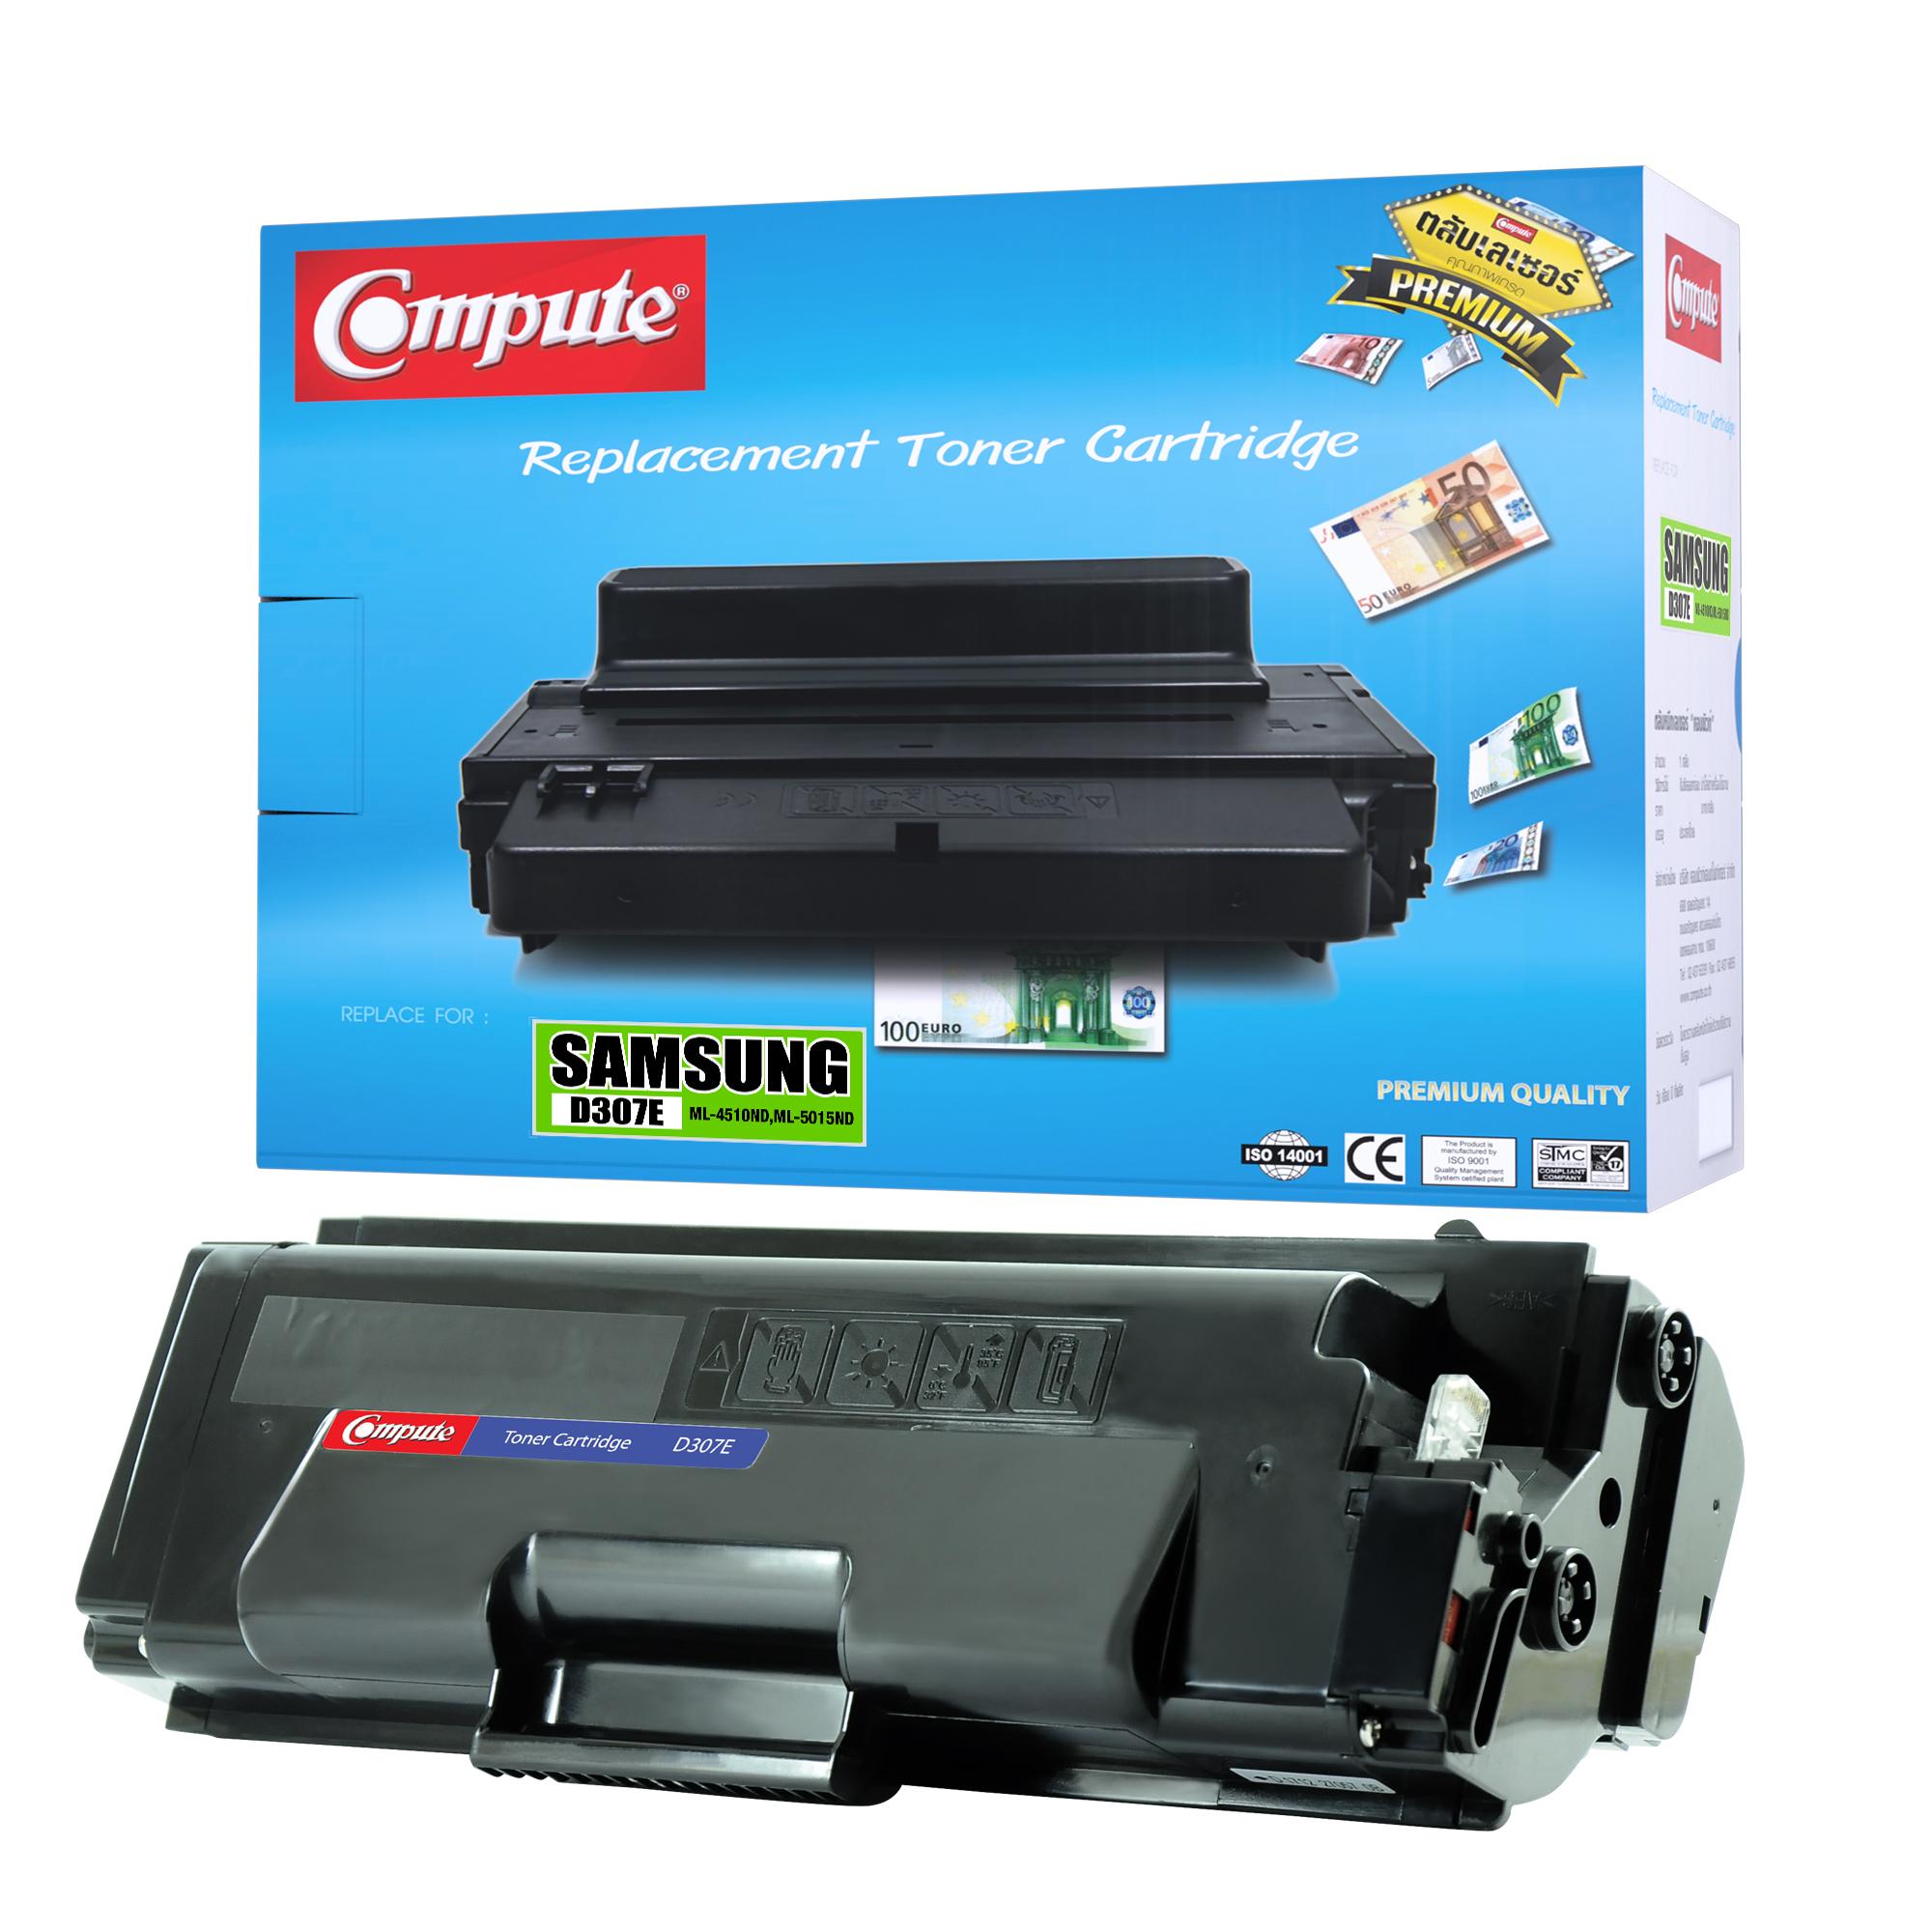 ตลับหมึกเลเซอร์ Compute Samsung MLT-D307E (Toner Cartridge)